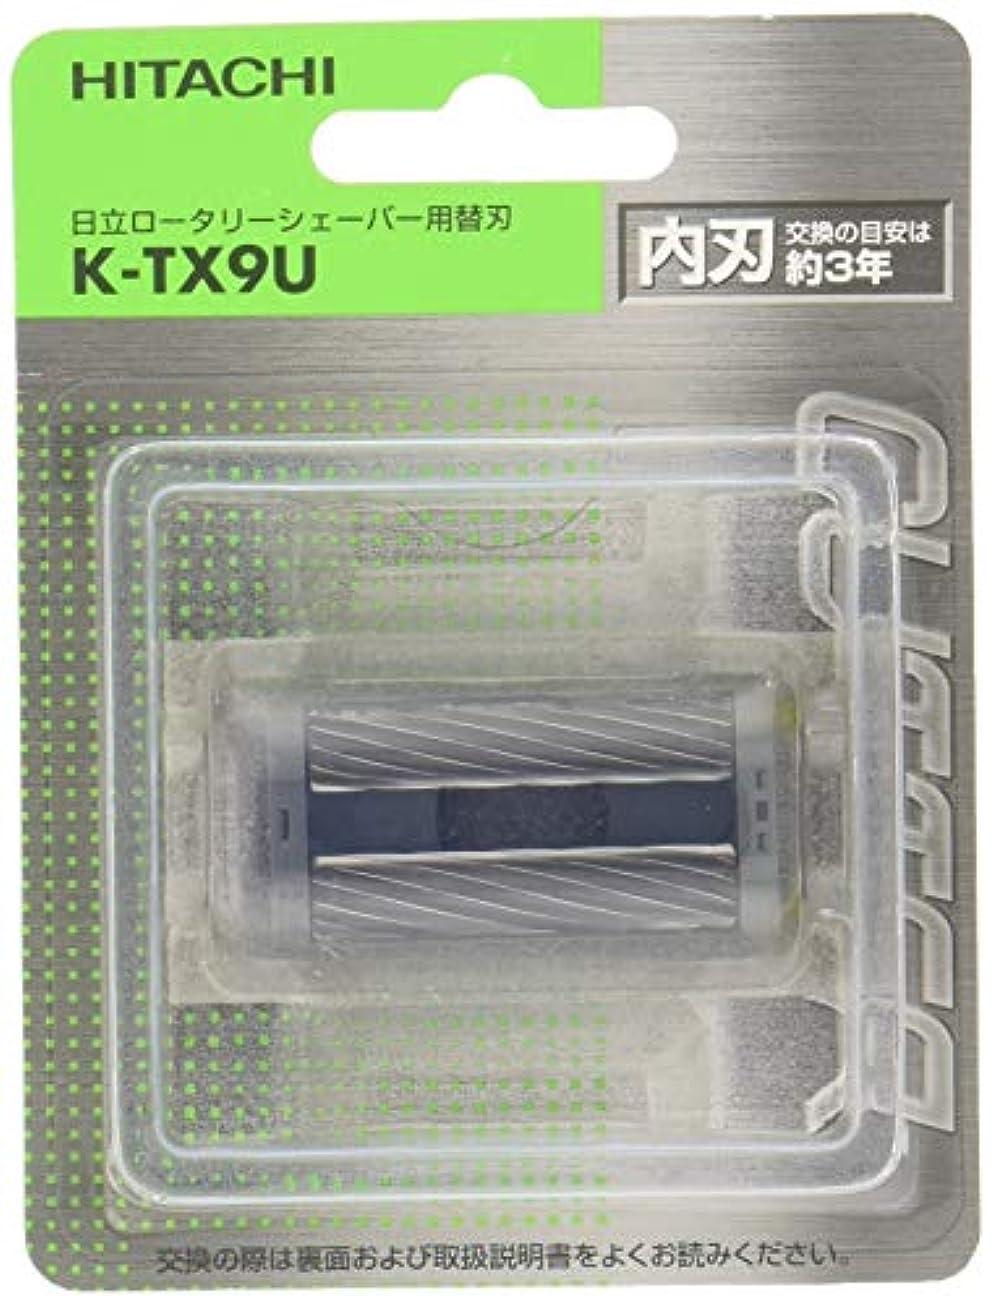 昇る再開ヒューム日立 替刃 内刃 K-TX9U